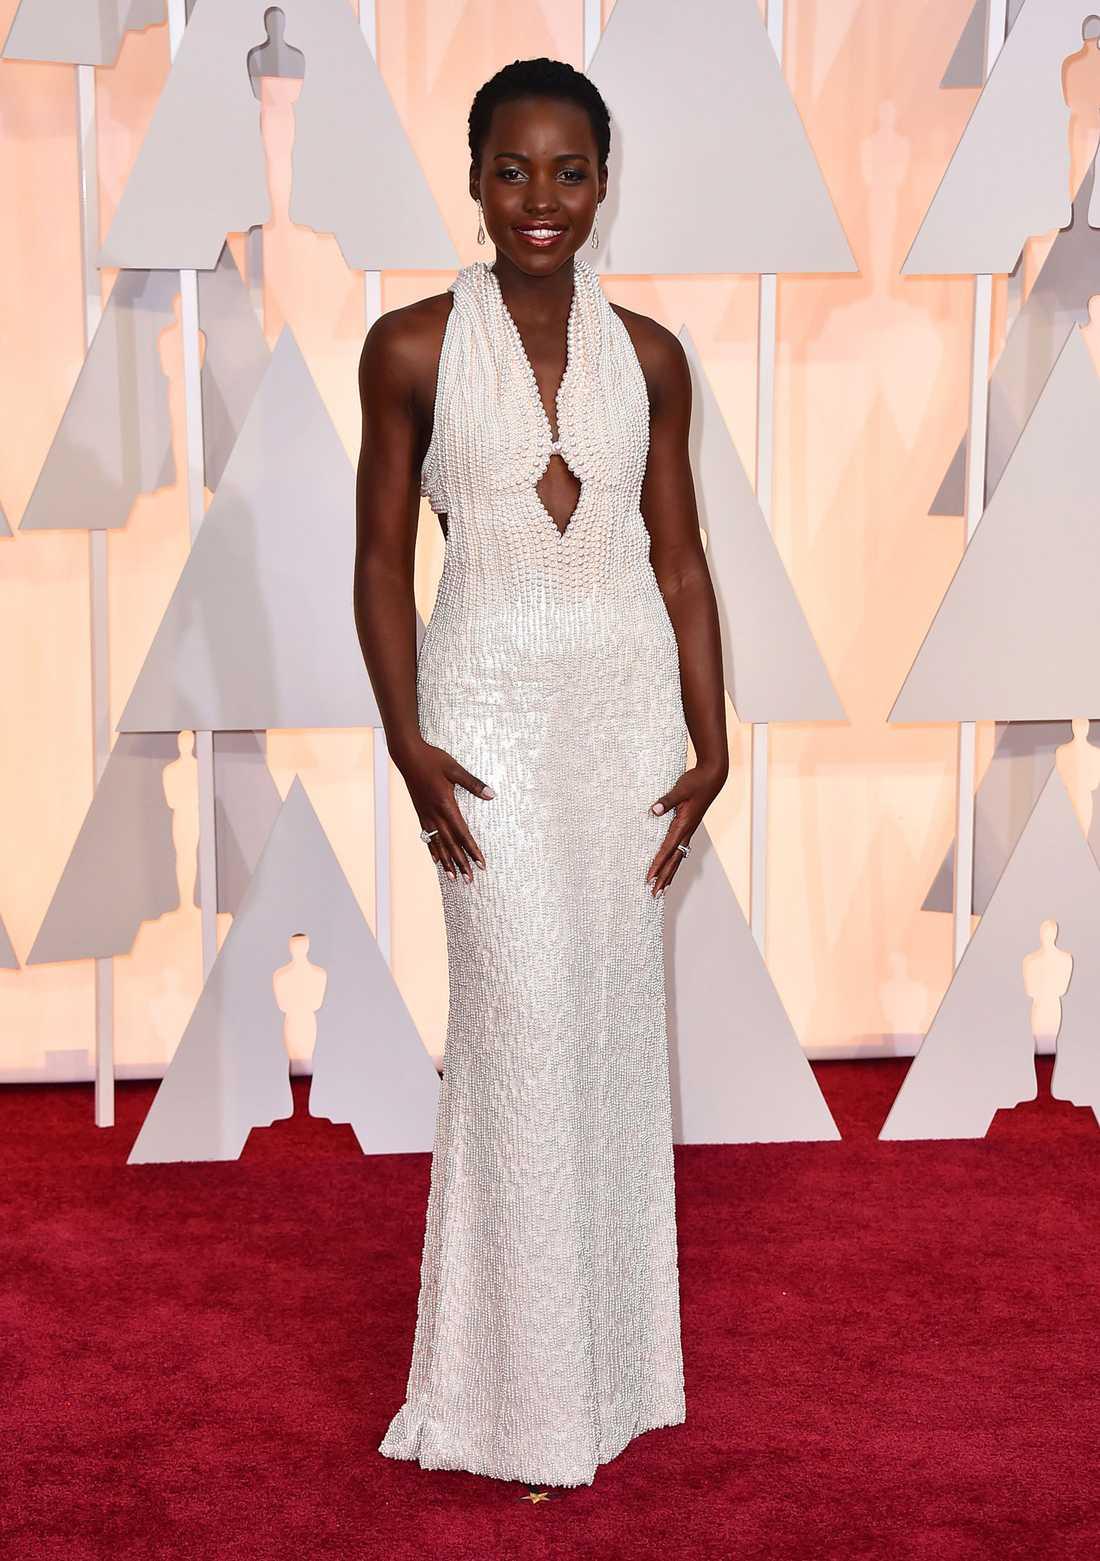 """Lupita Nyong'o 2015 """"Ibland är enklast helt enkelt bäst. Den här klänningen från Prada är motsatsen till Amy Adams fjäderklänning men precis lika majestätisk. När Lupita höll sitt tacktal och när inget öga var torrt kunde man bara sitta tillbaka, beundra och inse att ibland står alla stjärnor bara rätt på himlen."""""""